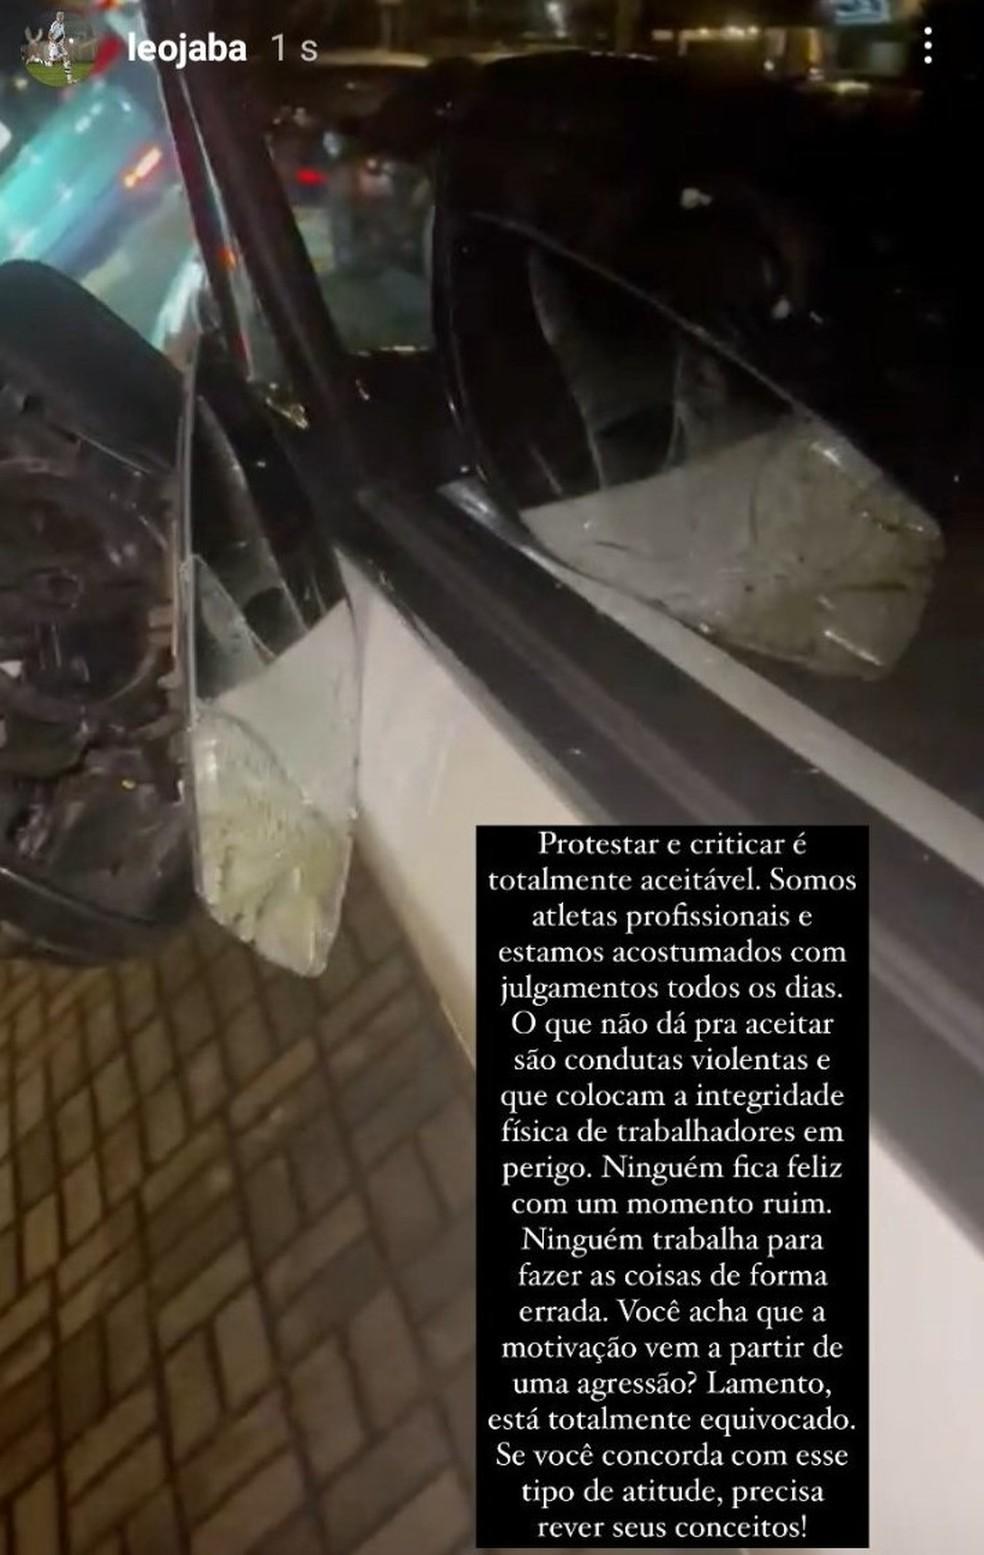 Carro de Léo Jabá foi danificado por torcedores do Vasco após derrota para o Avaí — Foto: Reprodução